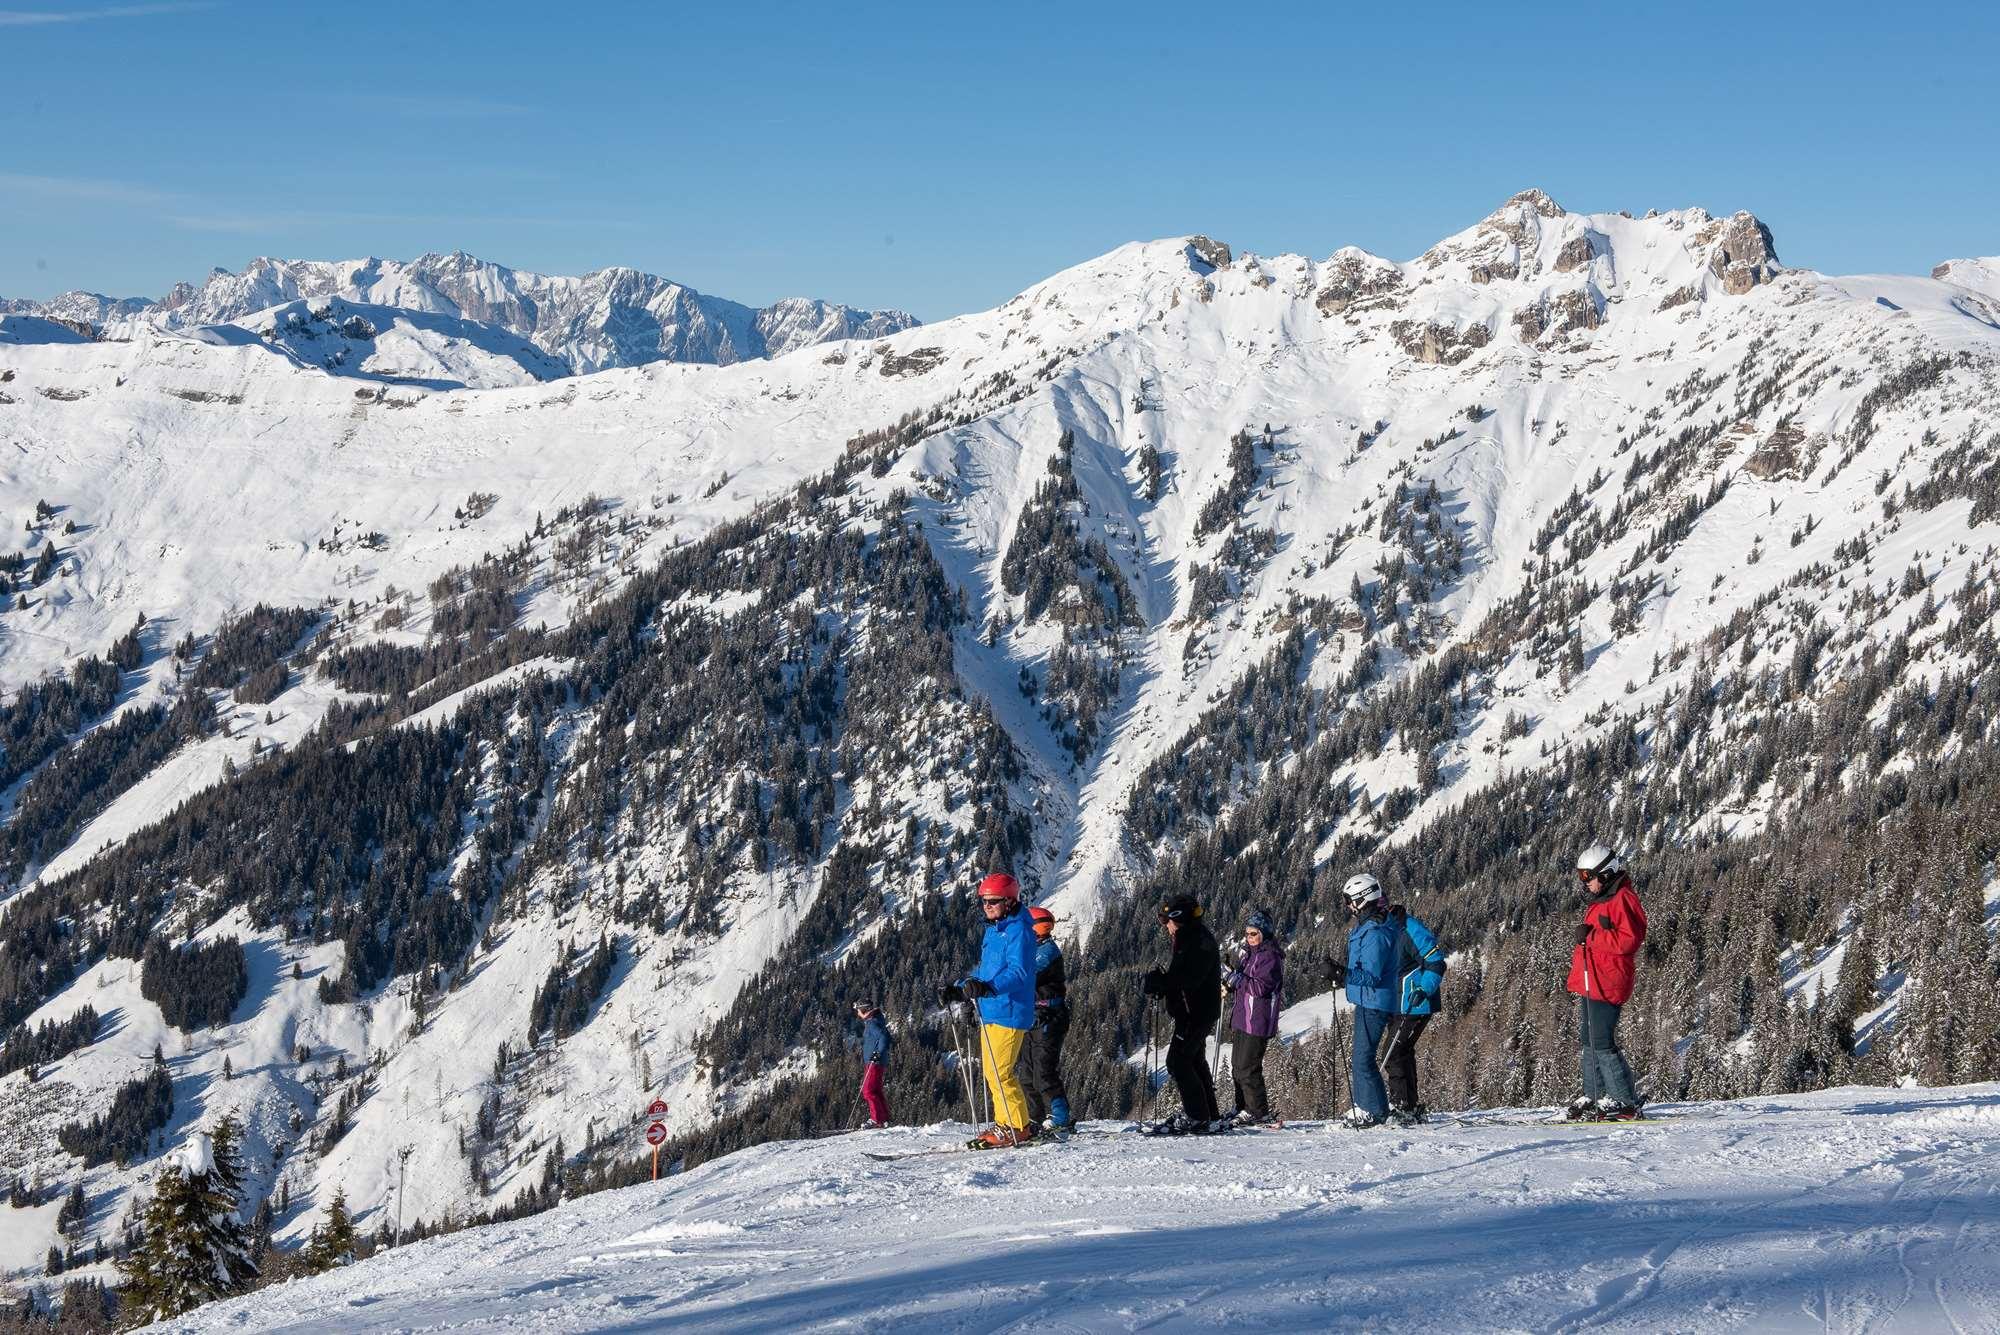 Ski hosting in Bad Gastein